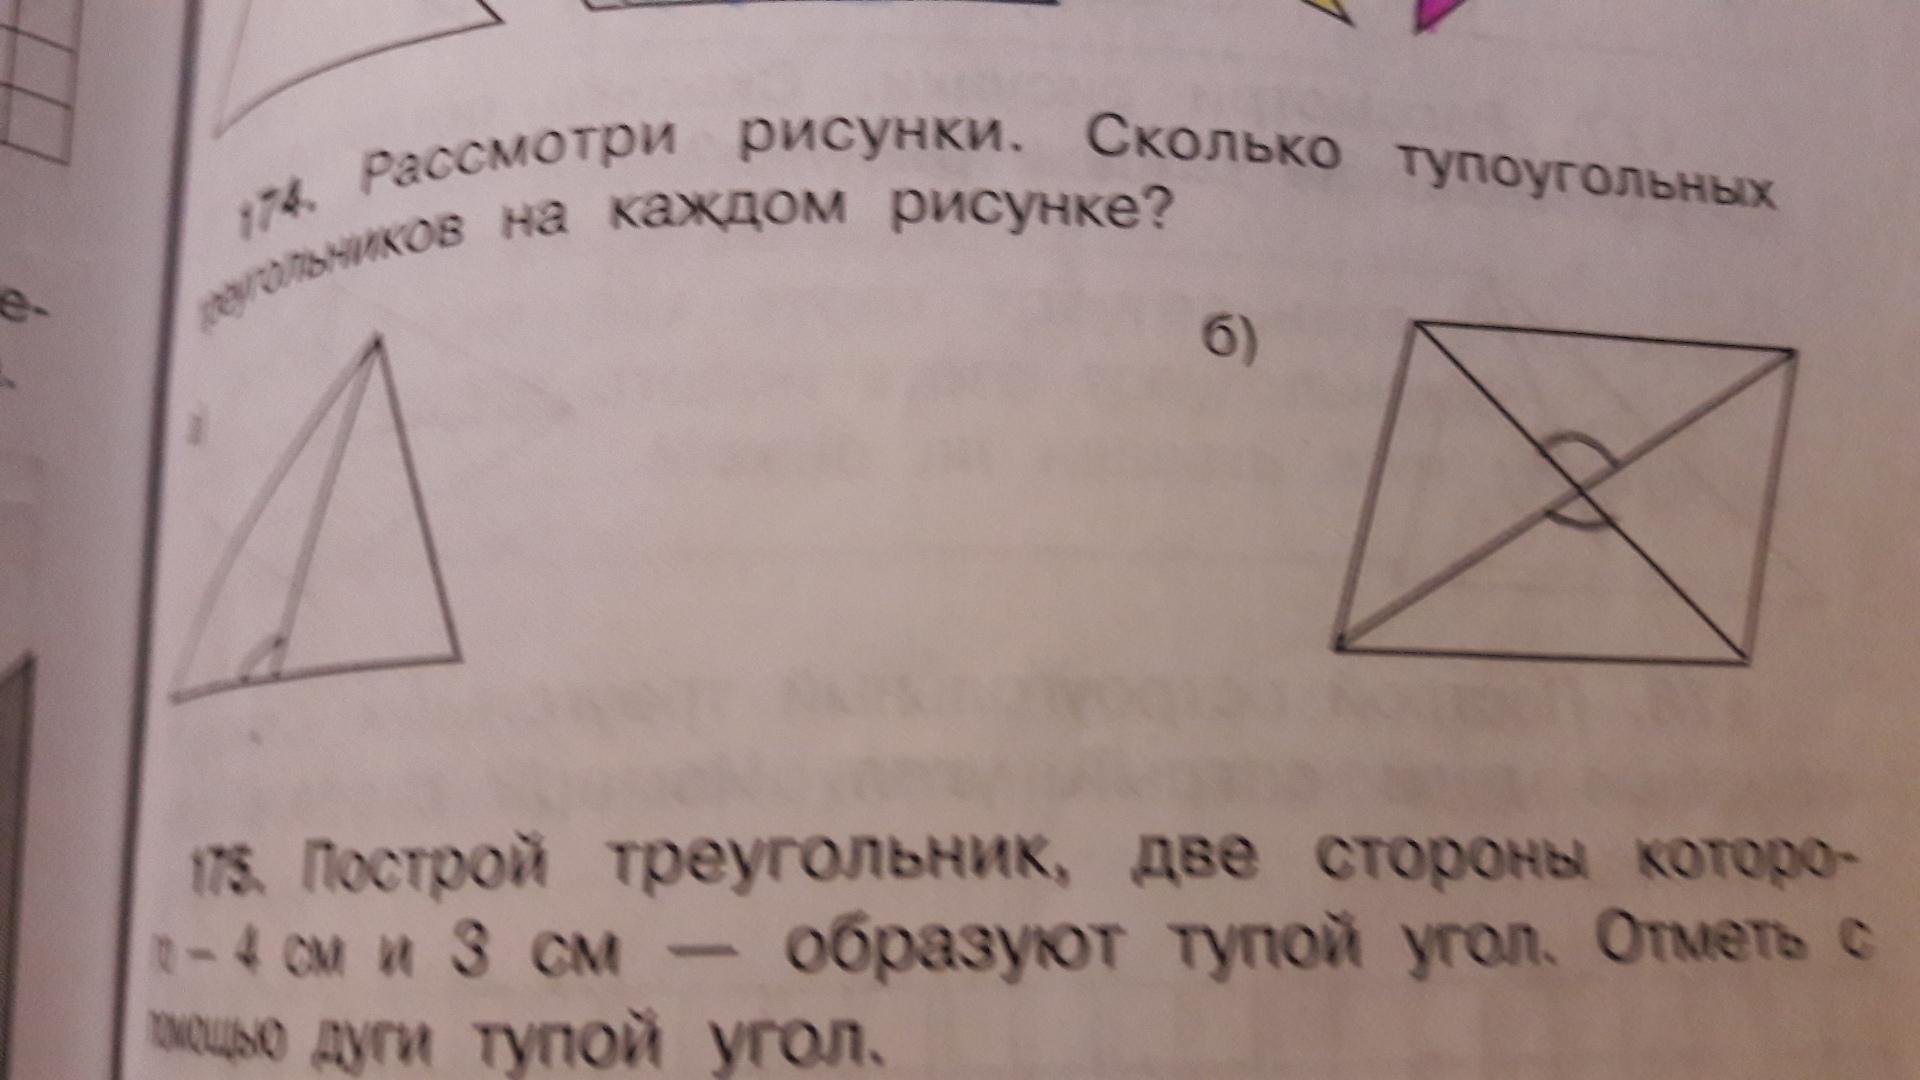 Рассмотри рисунок сколько тупоугольных треугольников на каждом рисунке